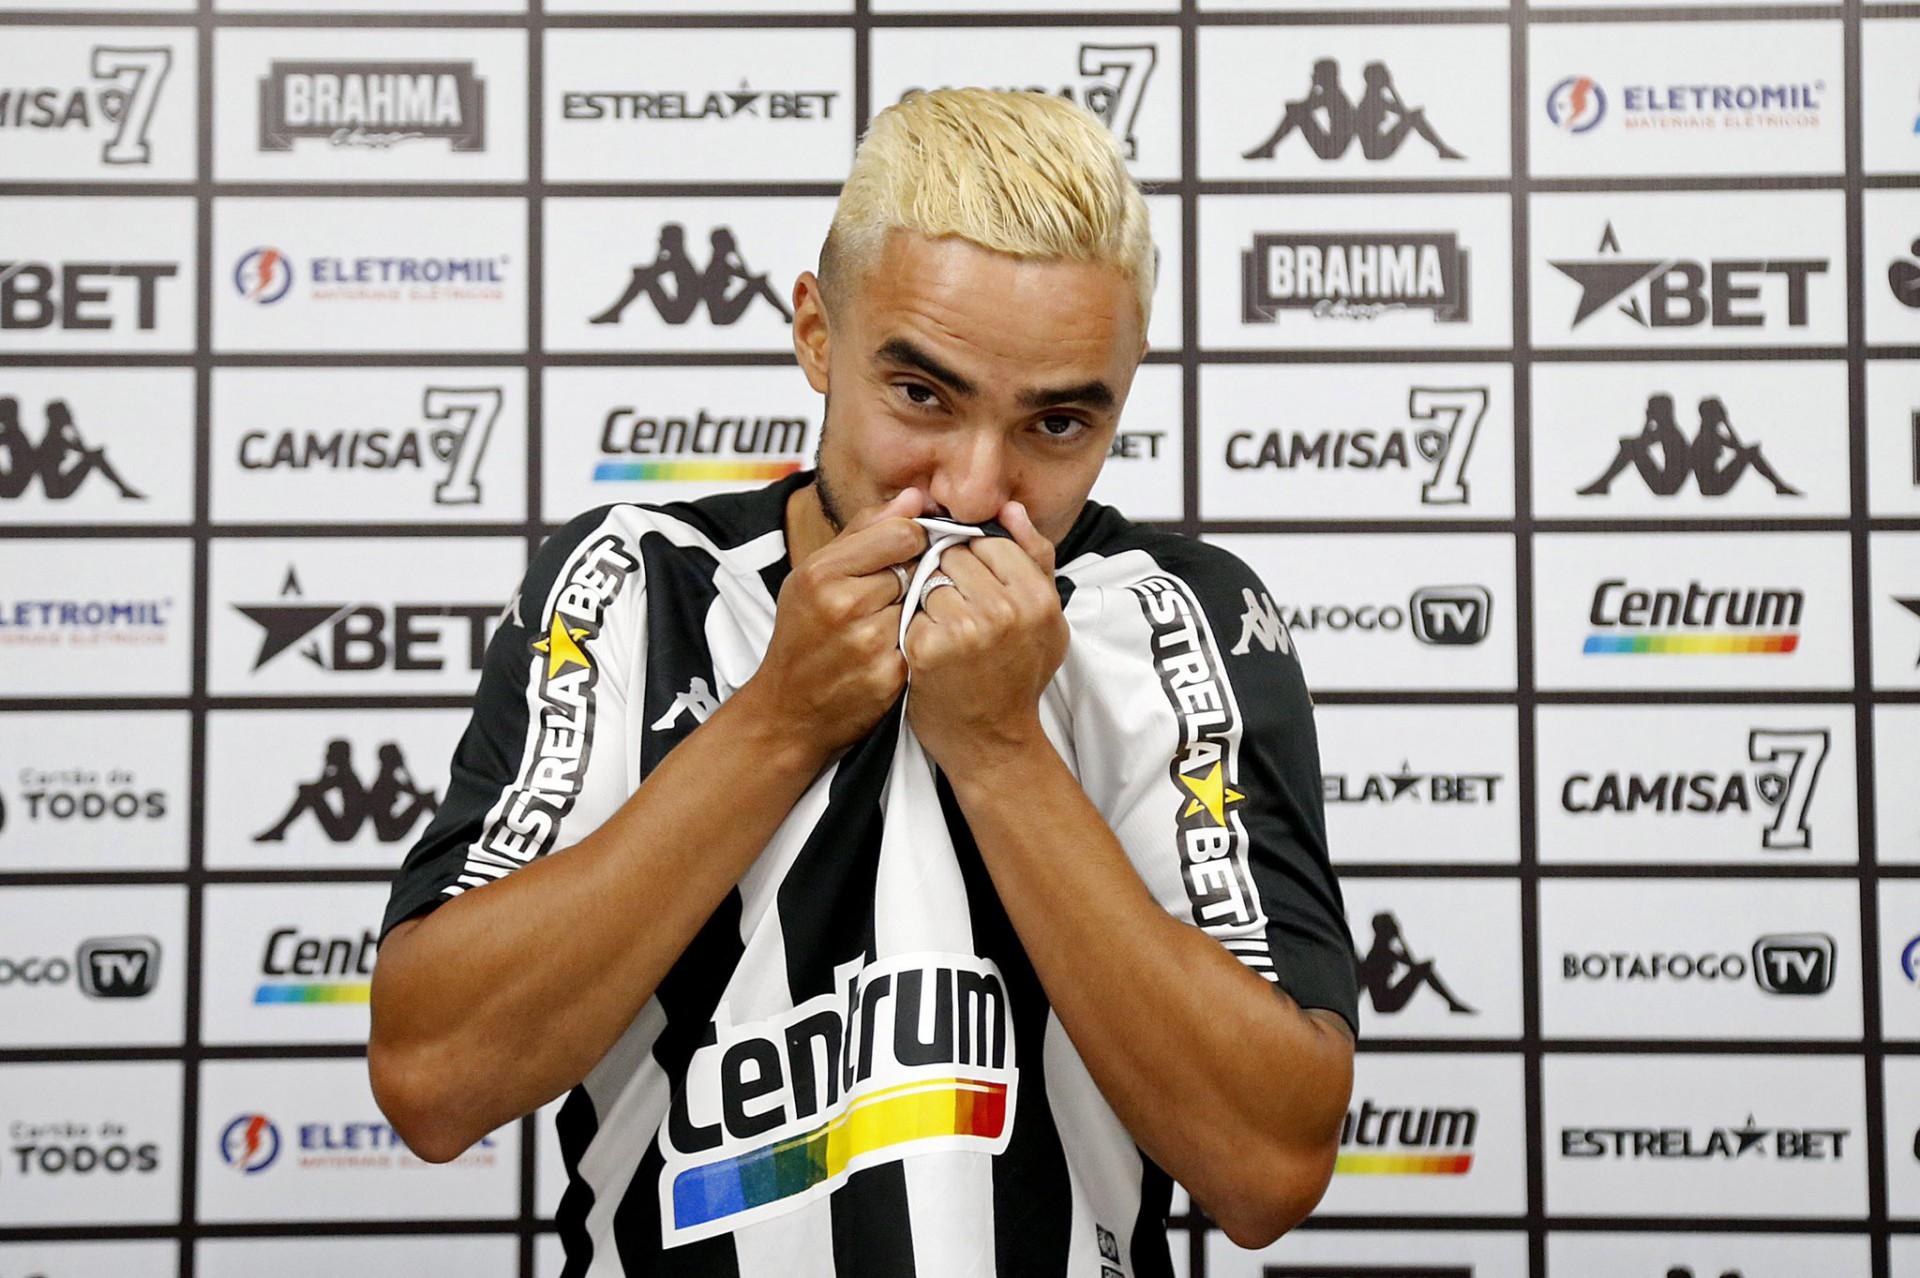 Sonho antecipado? Rafael revela que pensava em jogar pelo Botafogo somente em 2022: 'Promessa cumprida'